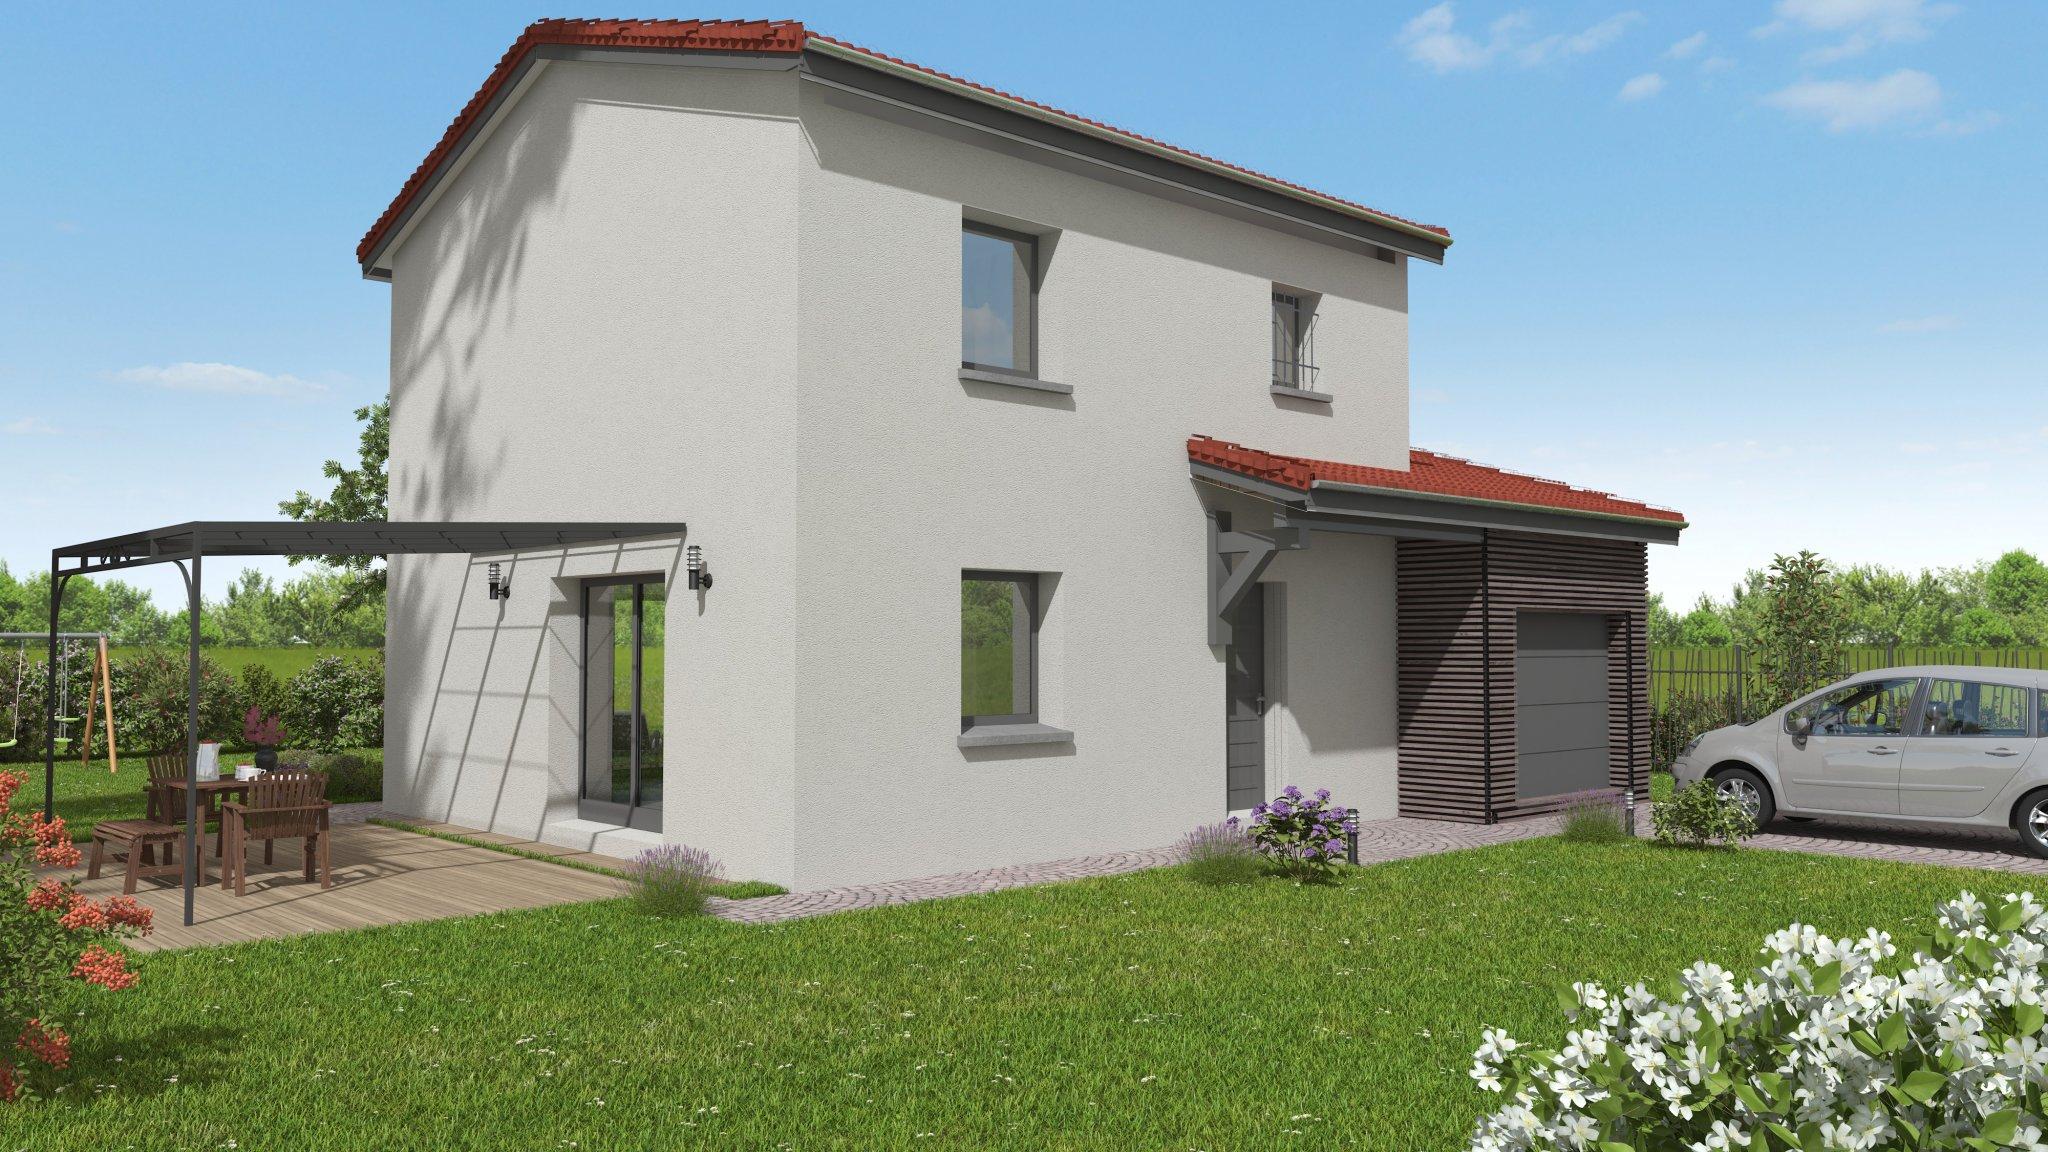 Maisons du constructeur MAISONS CLEDOR • 100 m² • CEBAZAT